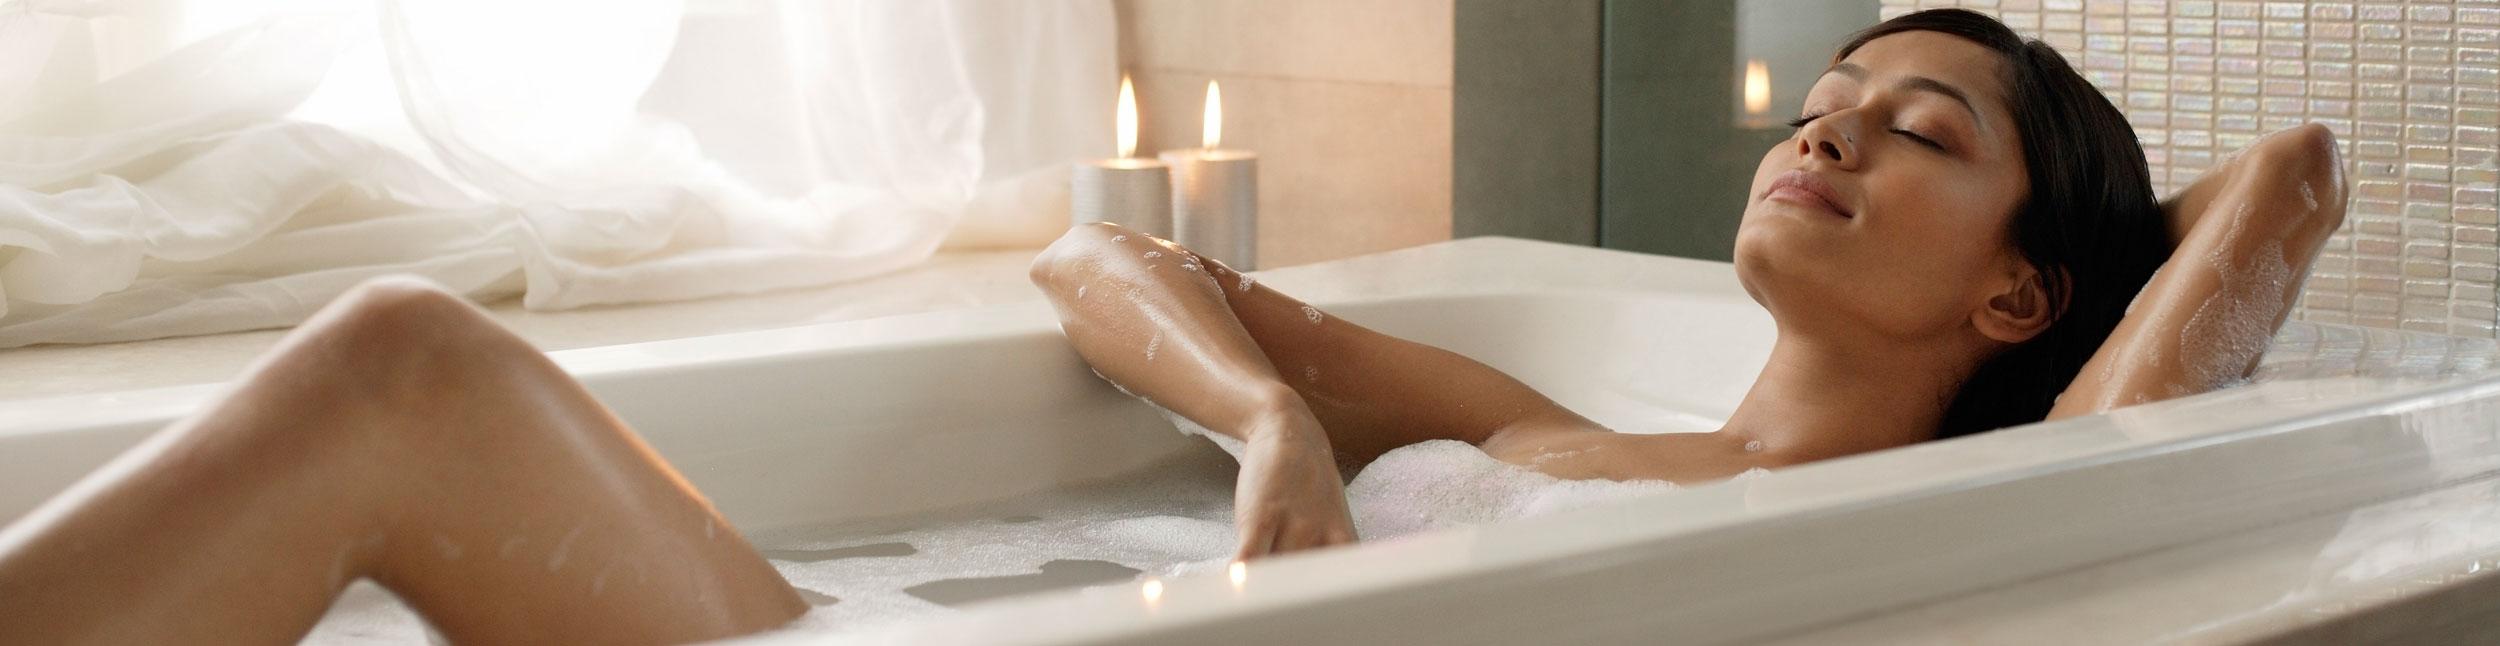 Hübsche Frau entspannt sich in Badewanne mit Kerzen in Ihrem schön sanierten Badezimmer.